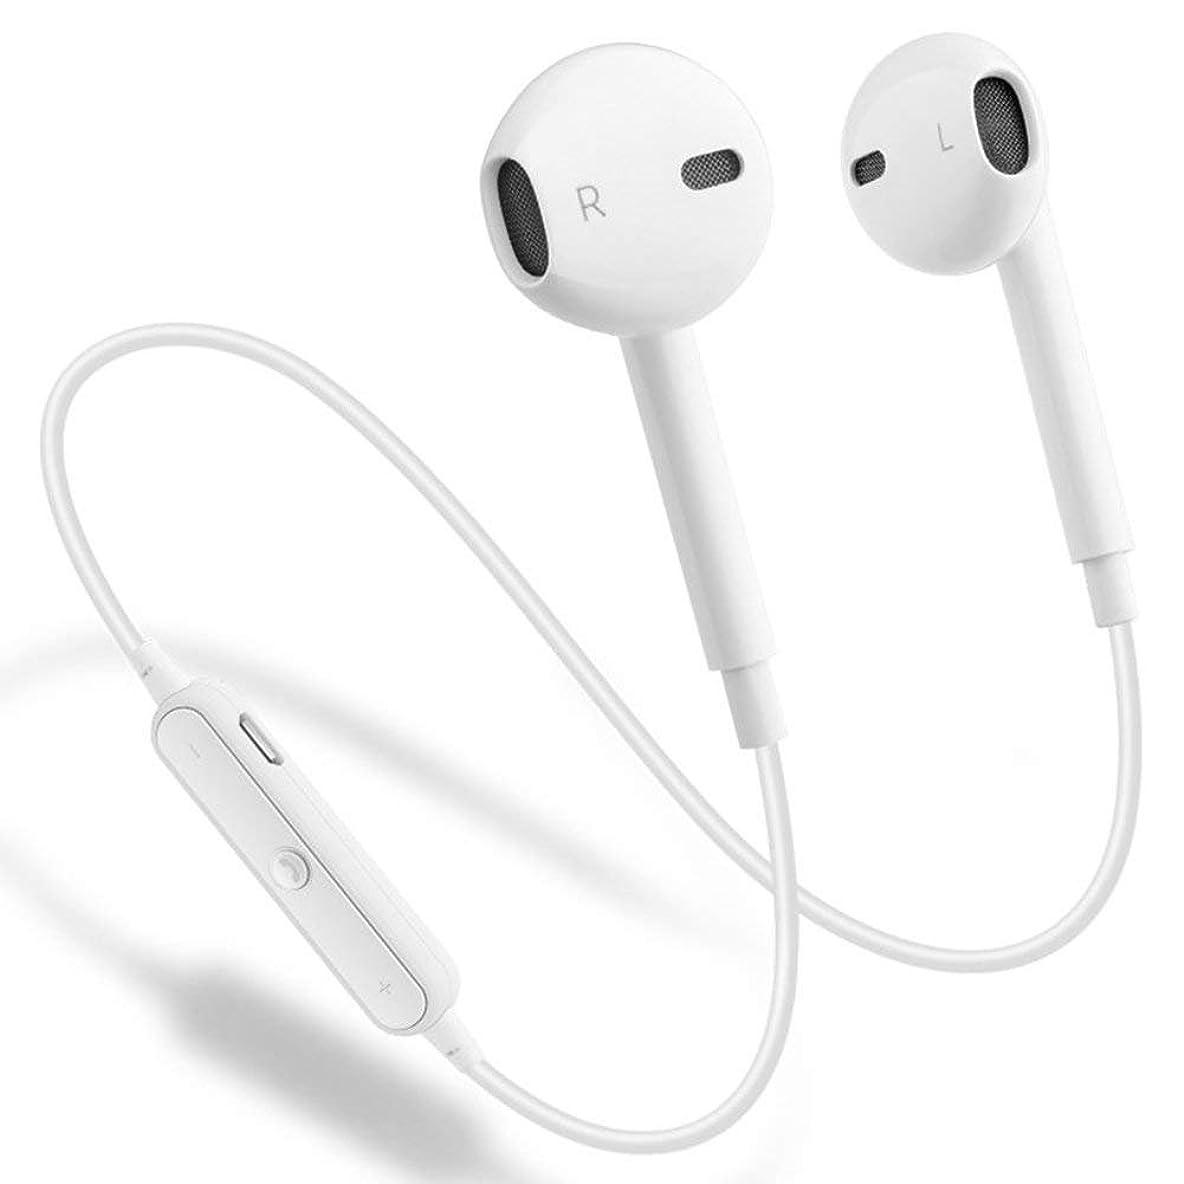 コスチューム溶融モードリンBluetooth イヤホン 高音質ブルートゥース イヤホン Bluetooth4.1 ワイヤレス イヤホソ iPhone Android対応 イヤホン-ホワイト